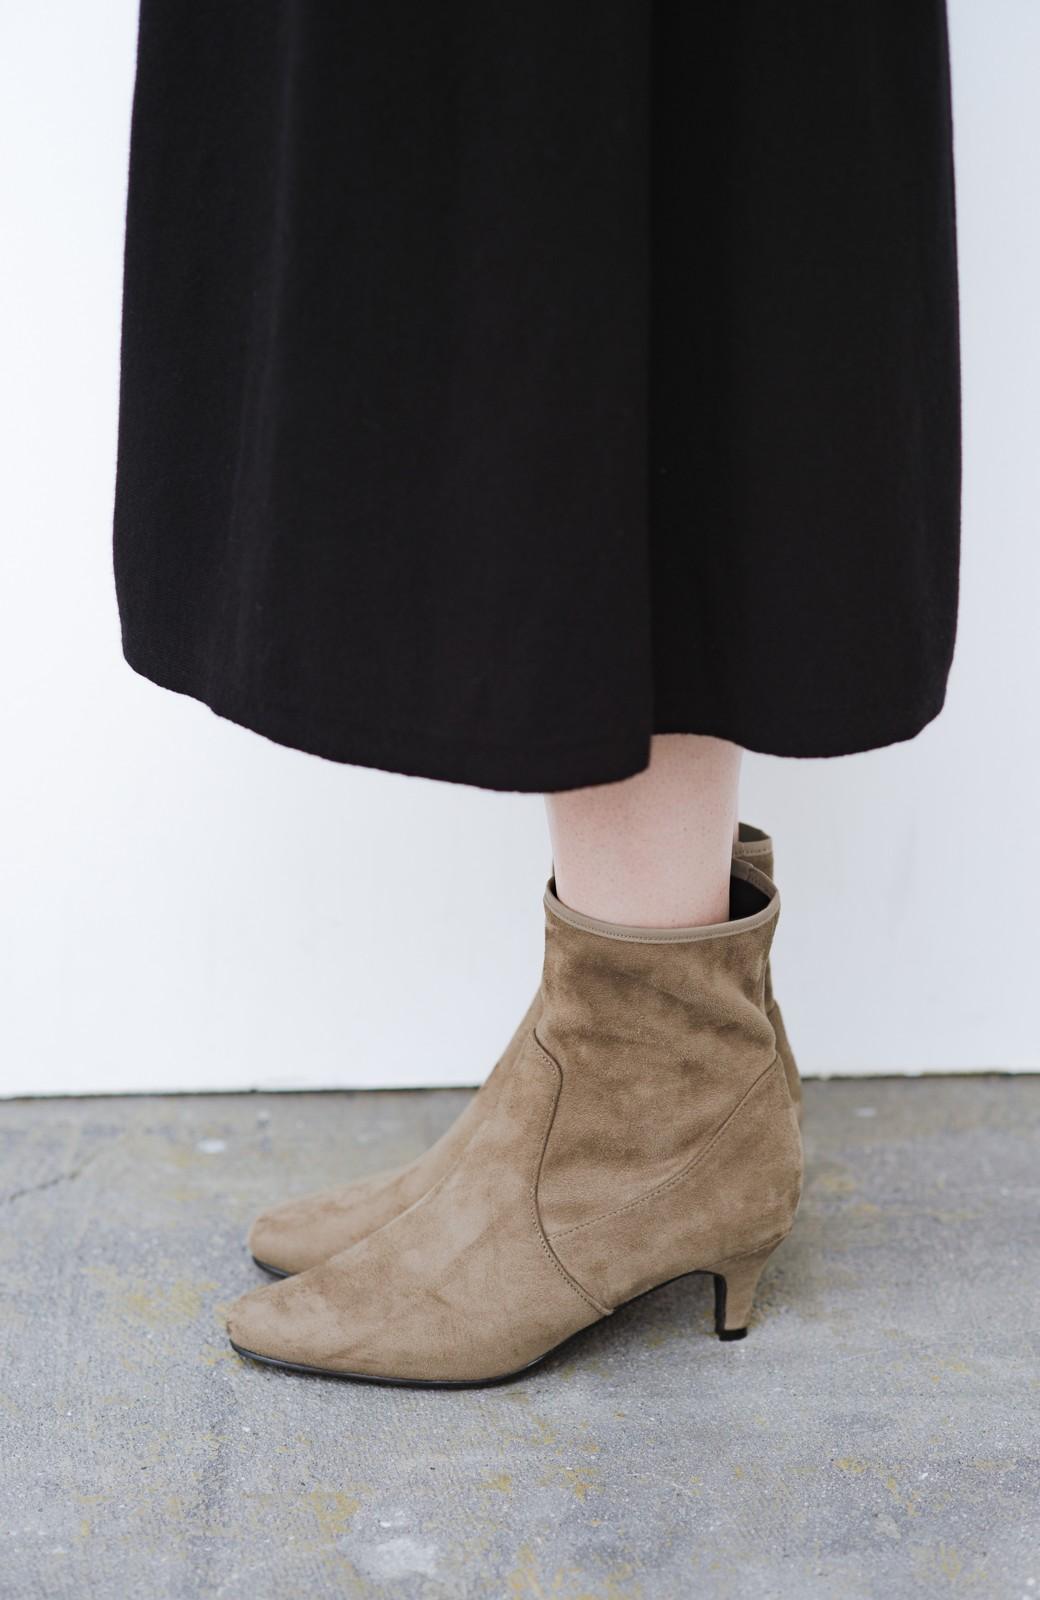 haco! デニムにもスカートにも似合う!すぽっと履けてスタイルアップが叶う女っぽフェイクスエードブーツ <ブラウン>の商品写真7